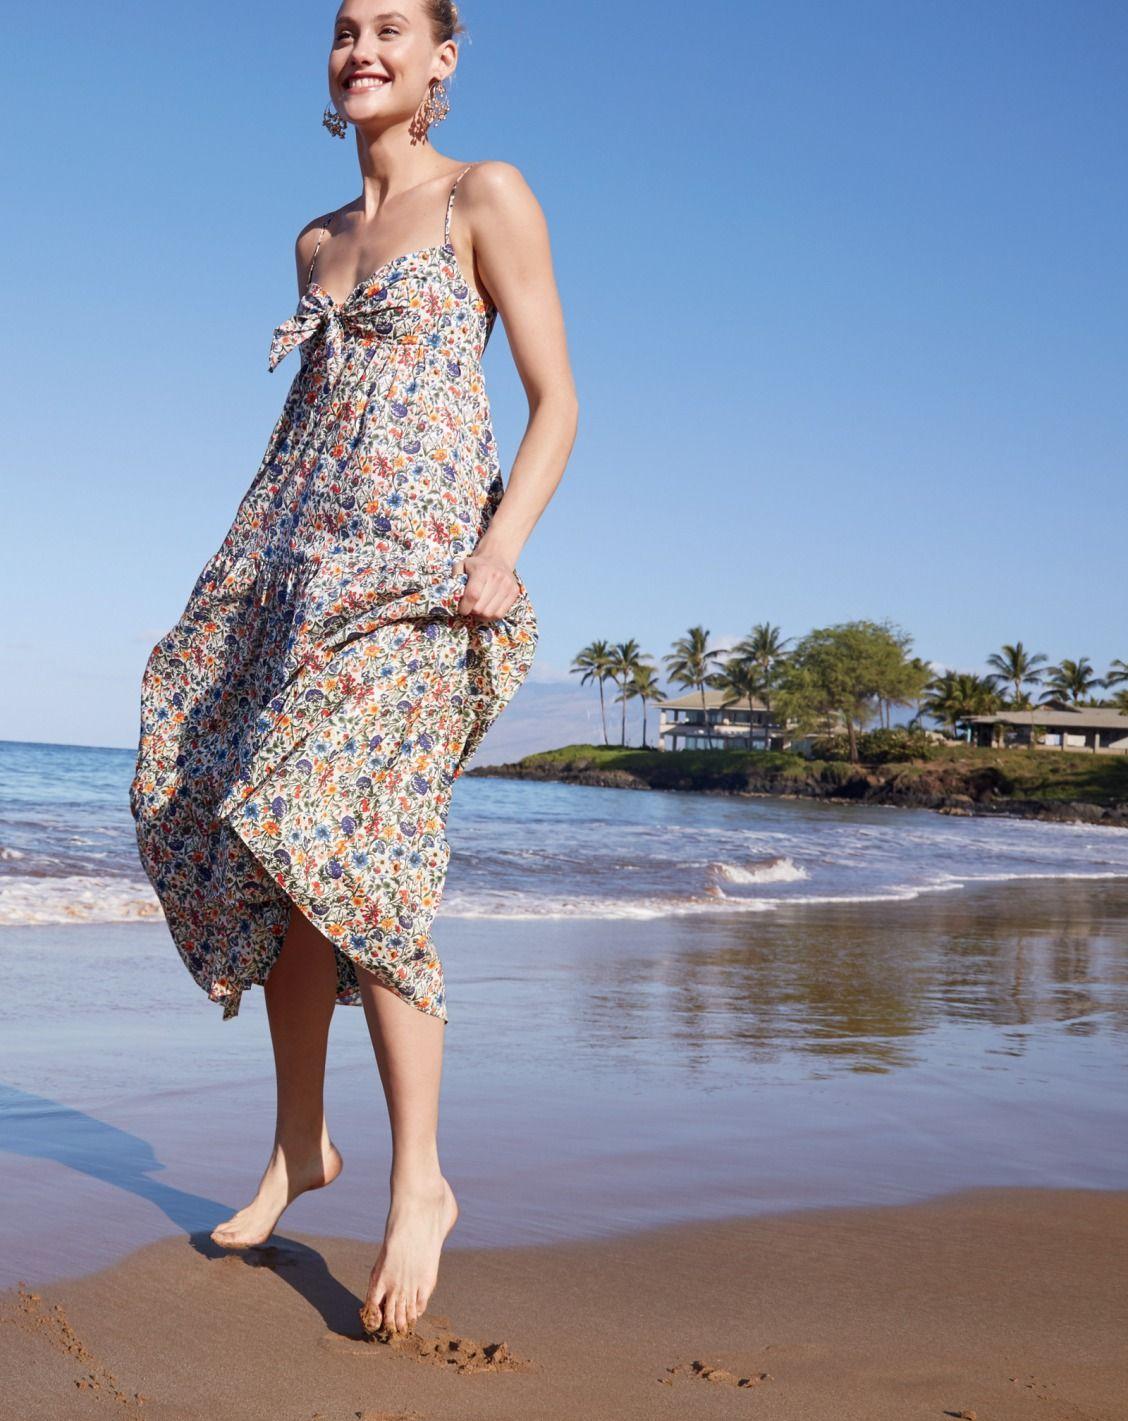 79275dff38 Tie-front dress in Liberty® Rachel floral